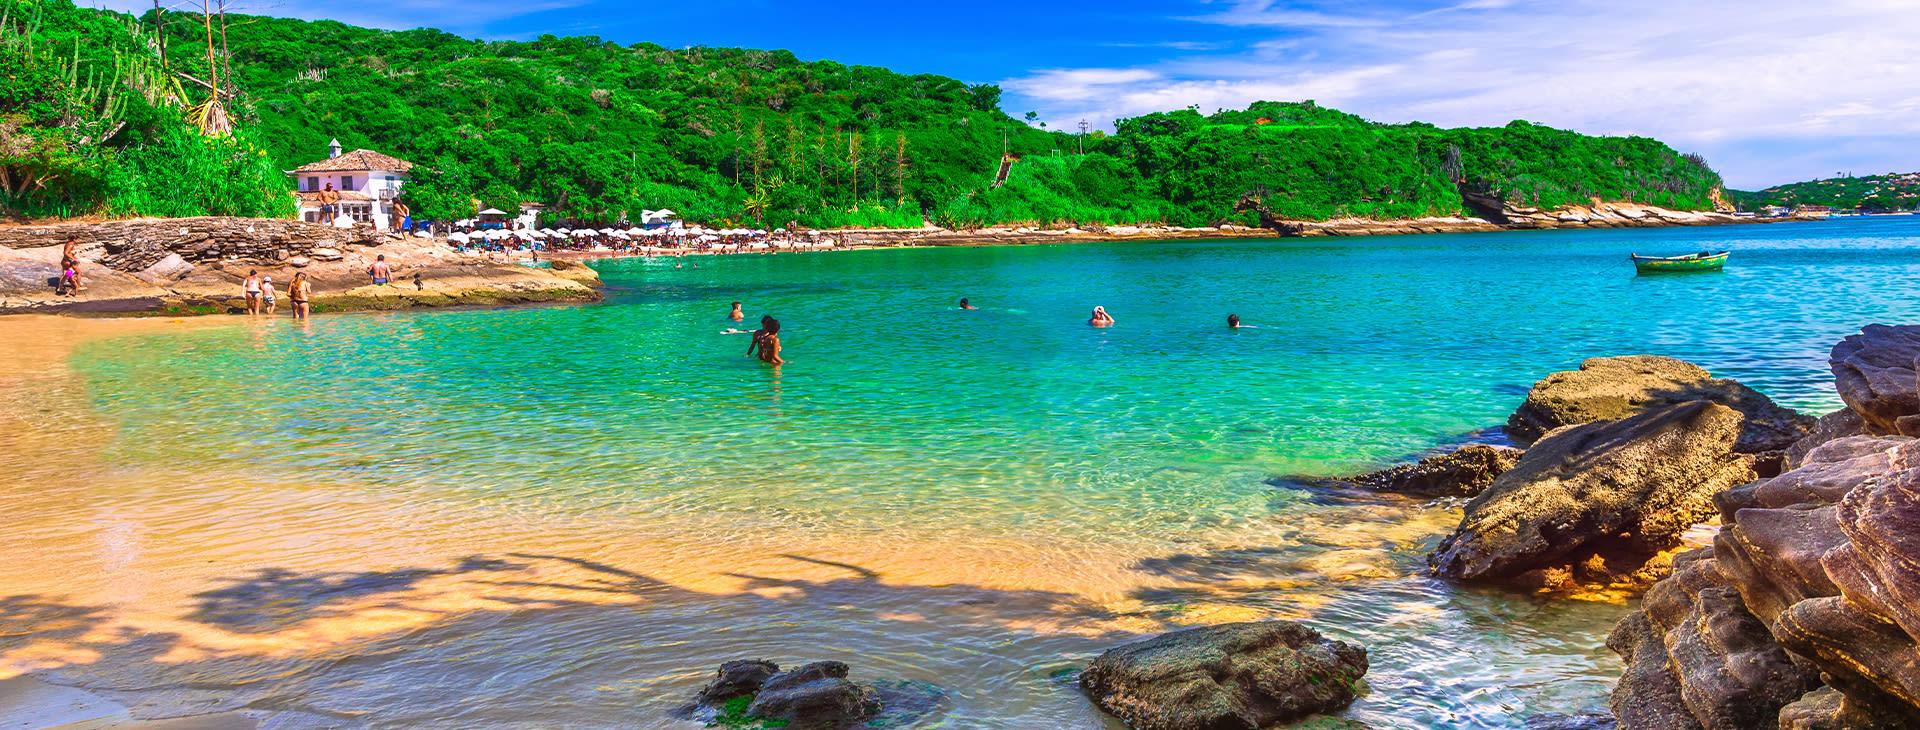 Buzios Beach